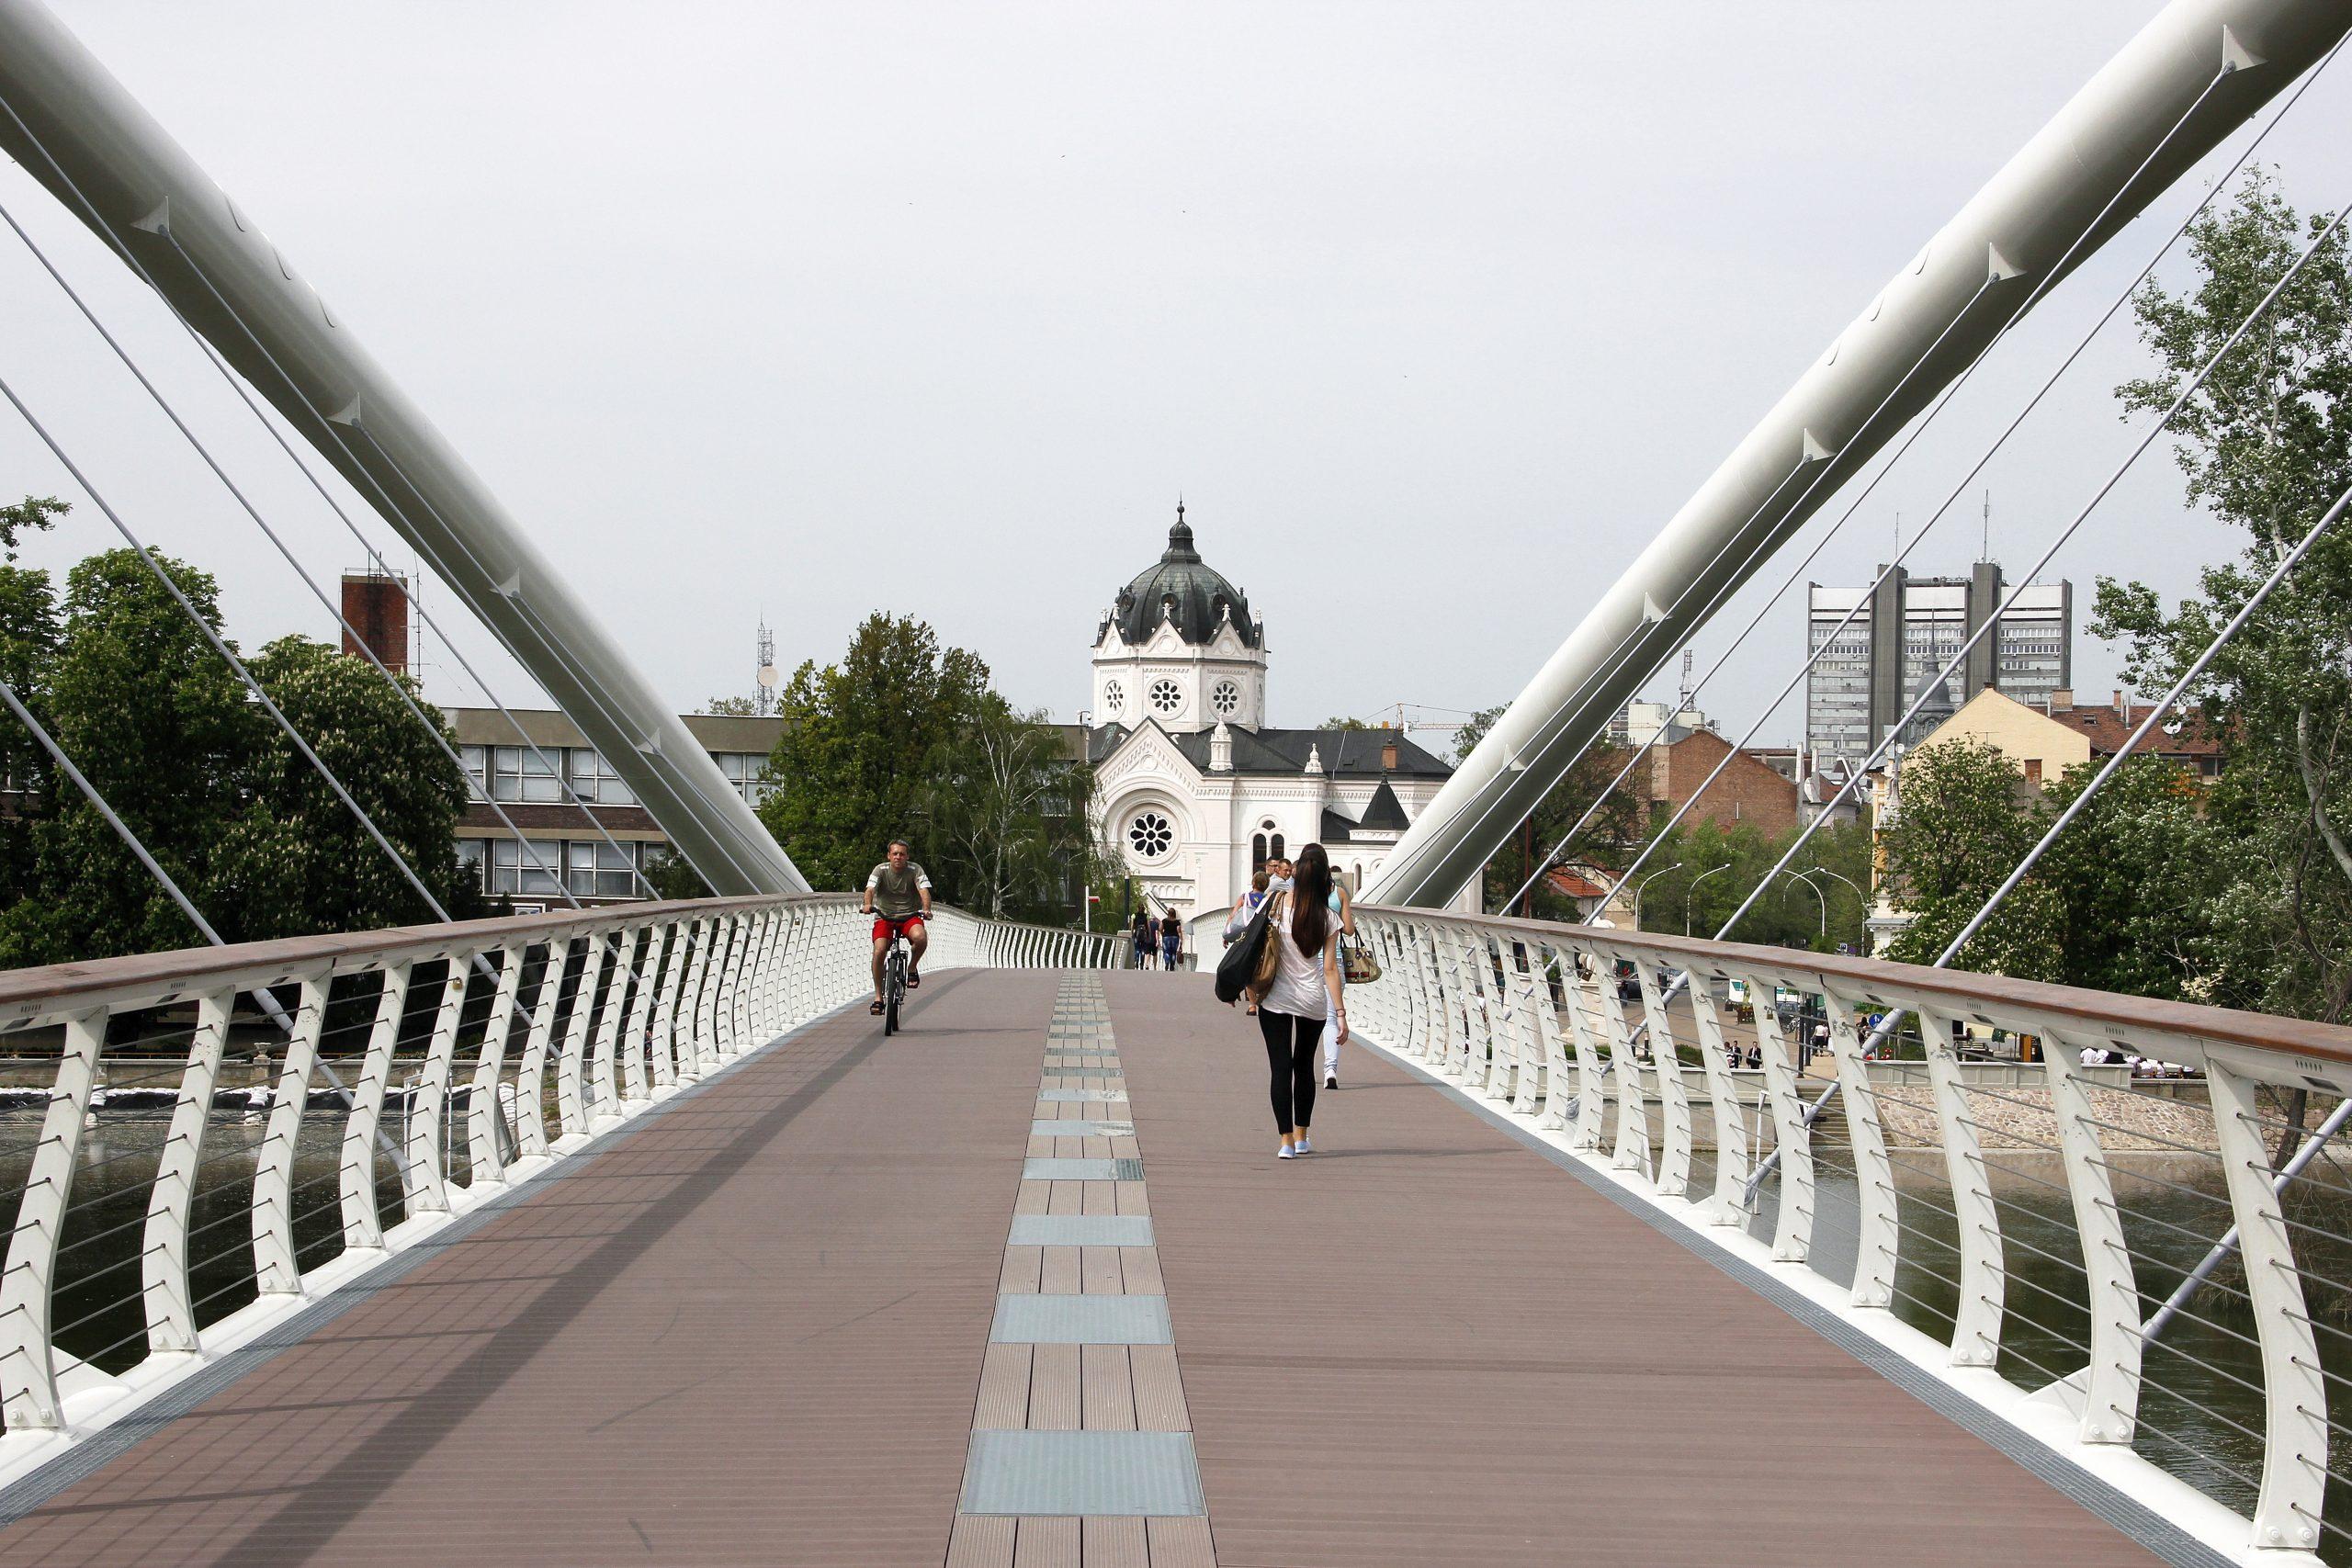 Schönste ungarische Brücke des Jahres gewählt